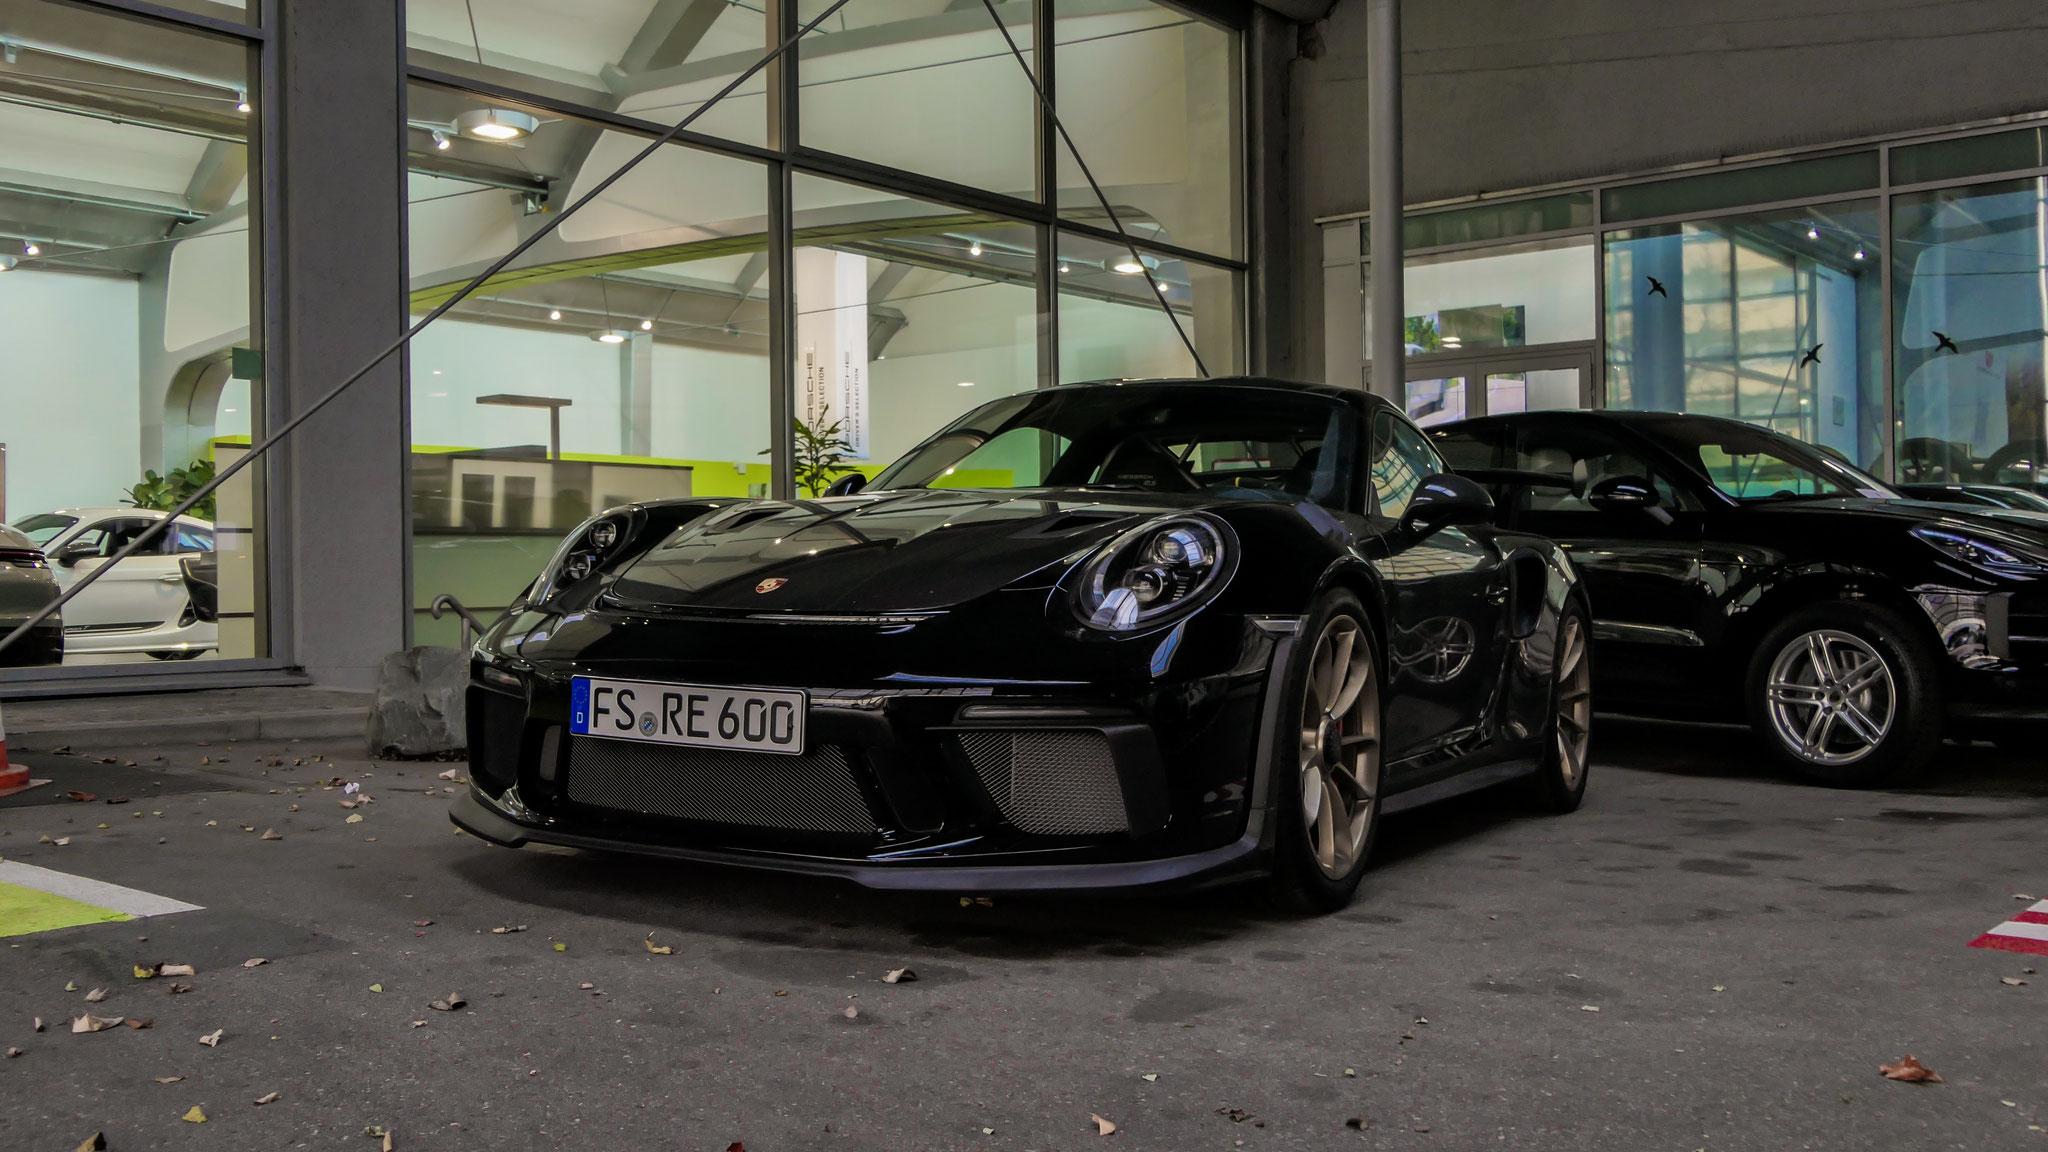 Porsche 911 991.2 GT3 RS - FS-RE-600